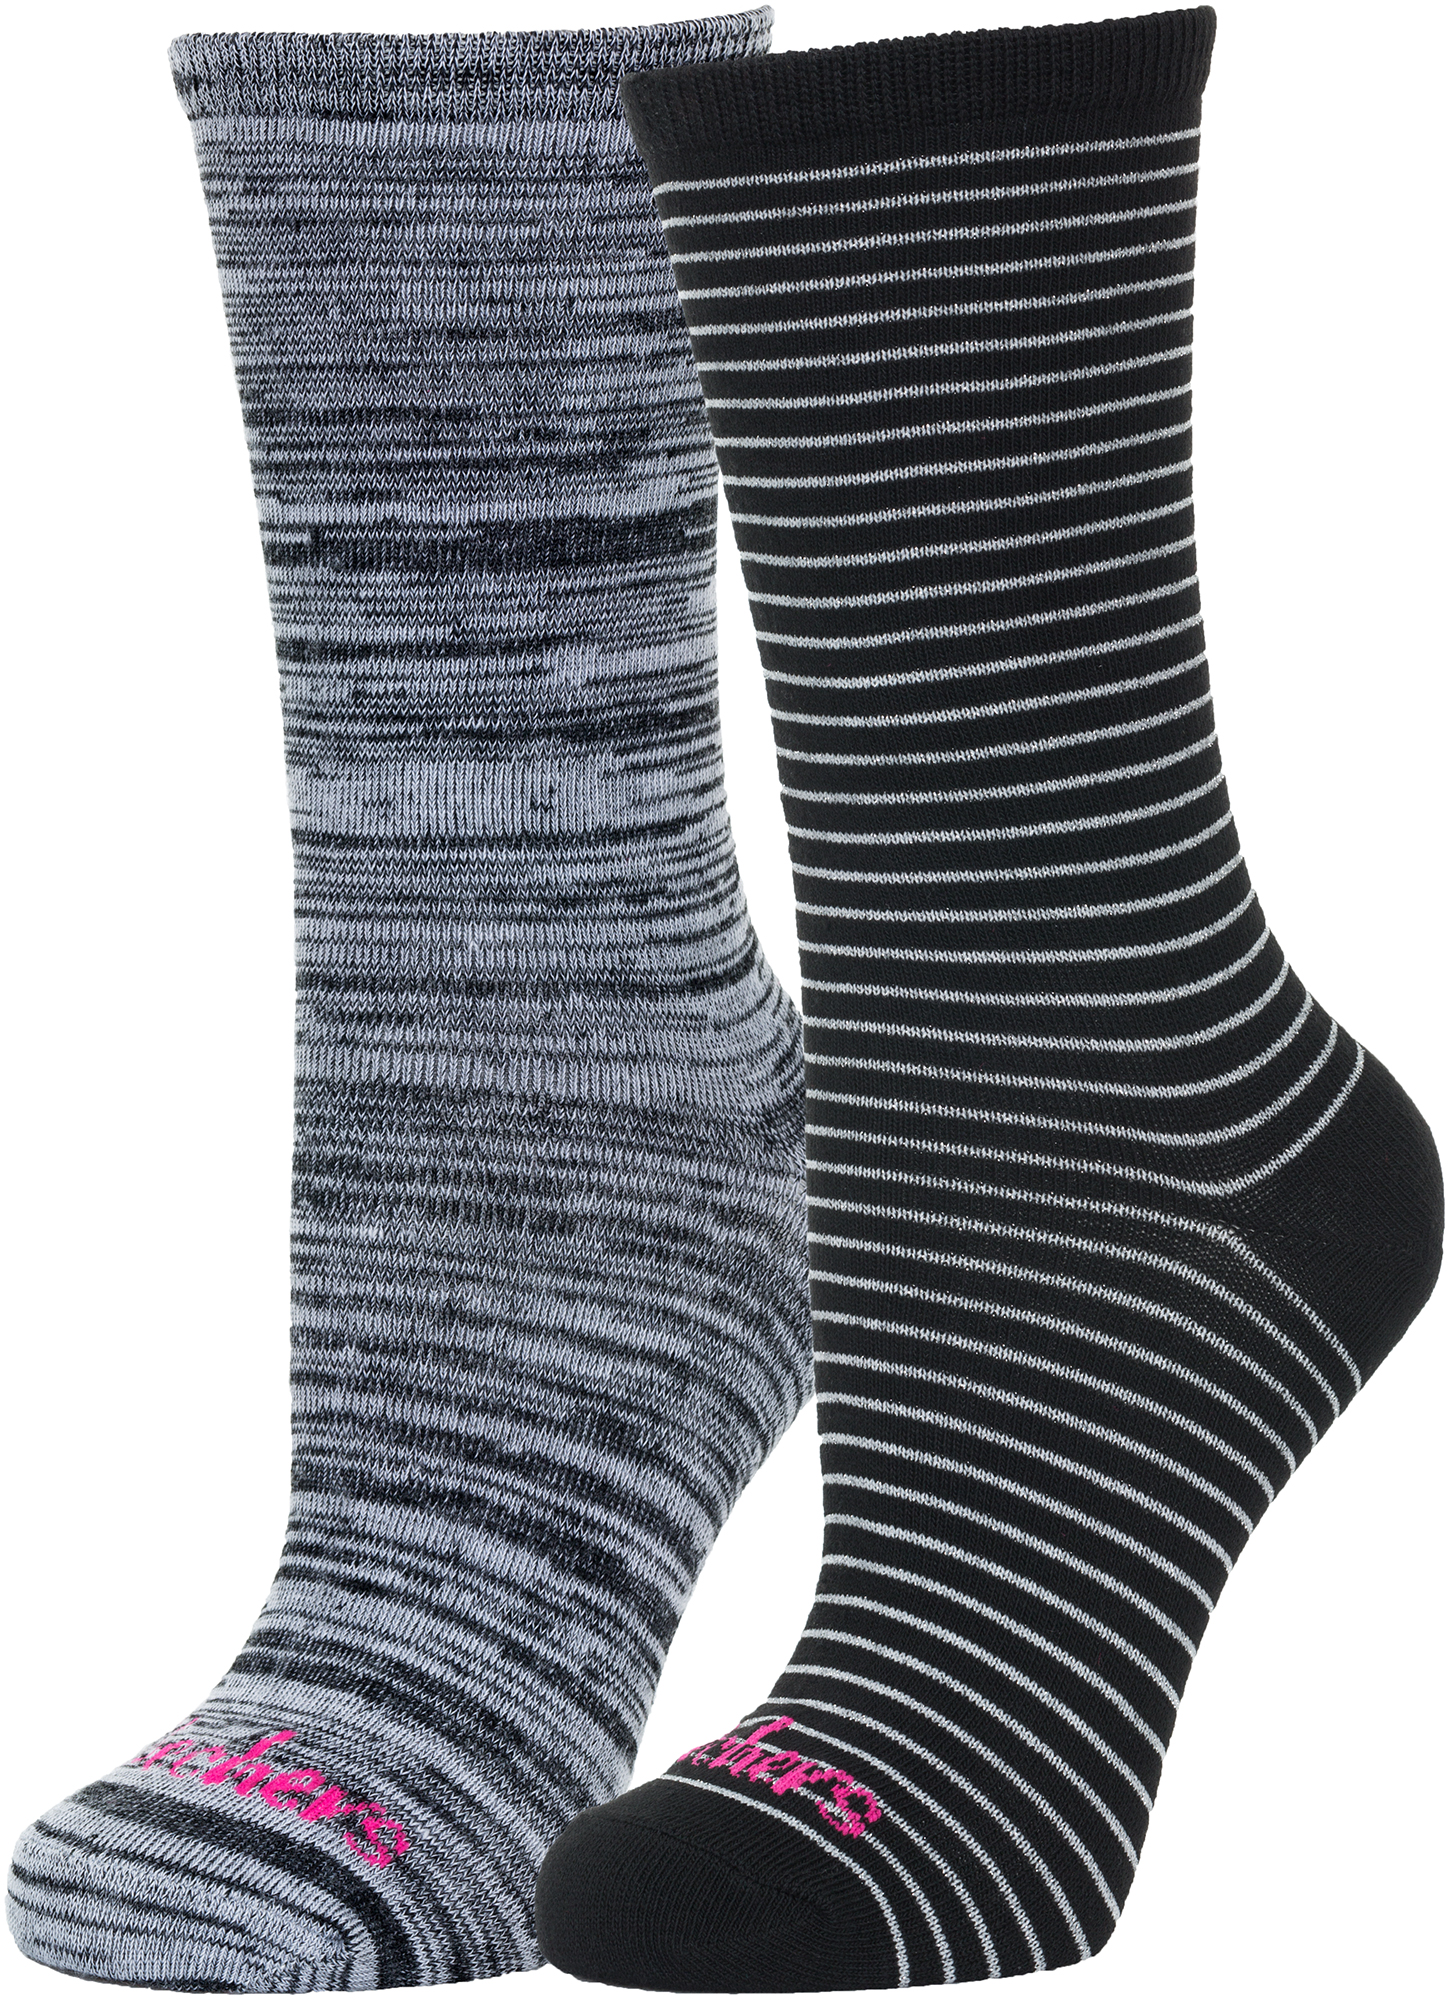 Skechers Носки женские Skechers, 2 пары, размер 35-39 skechers носки женские skechers 3 пары размер 35 39